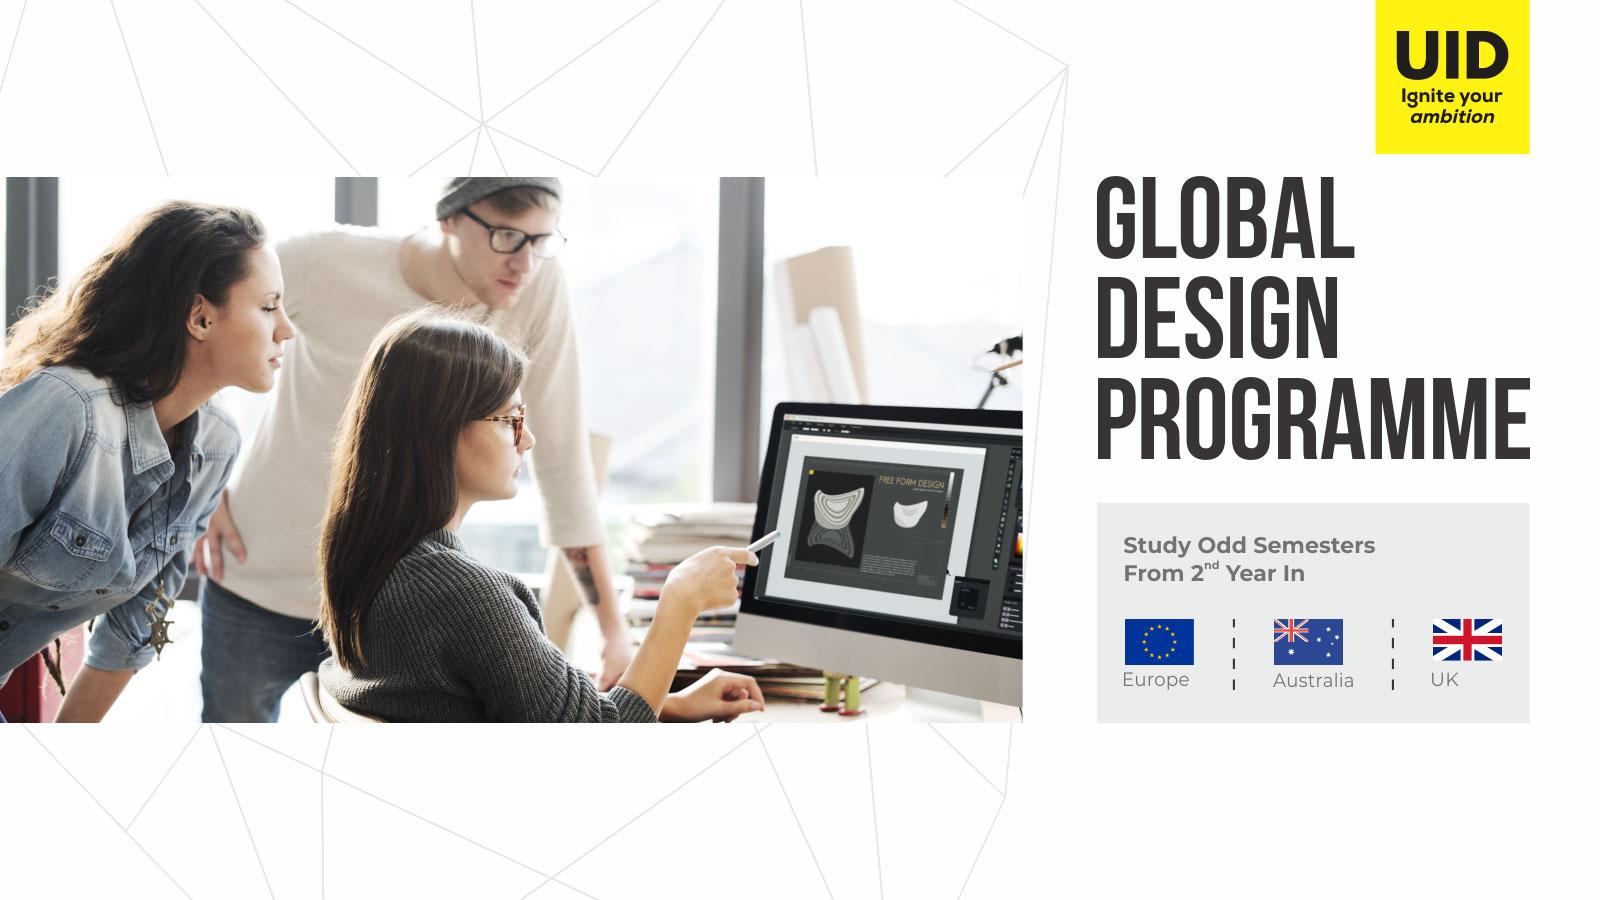 B.Des Global Design Programme Image